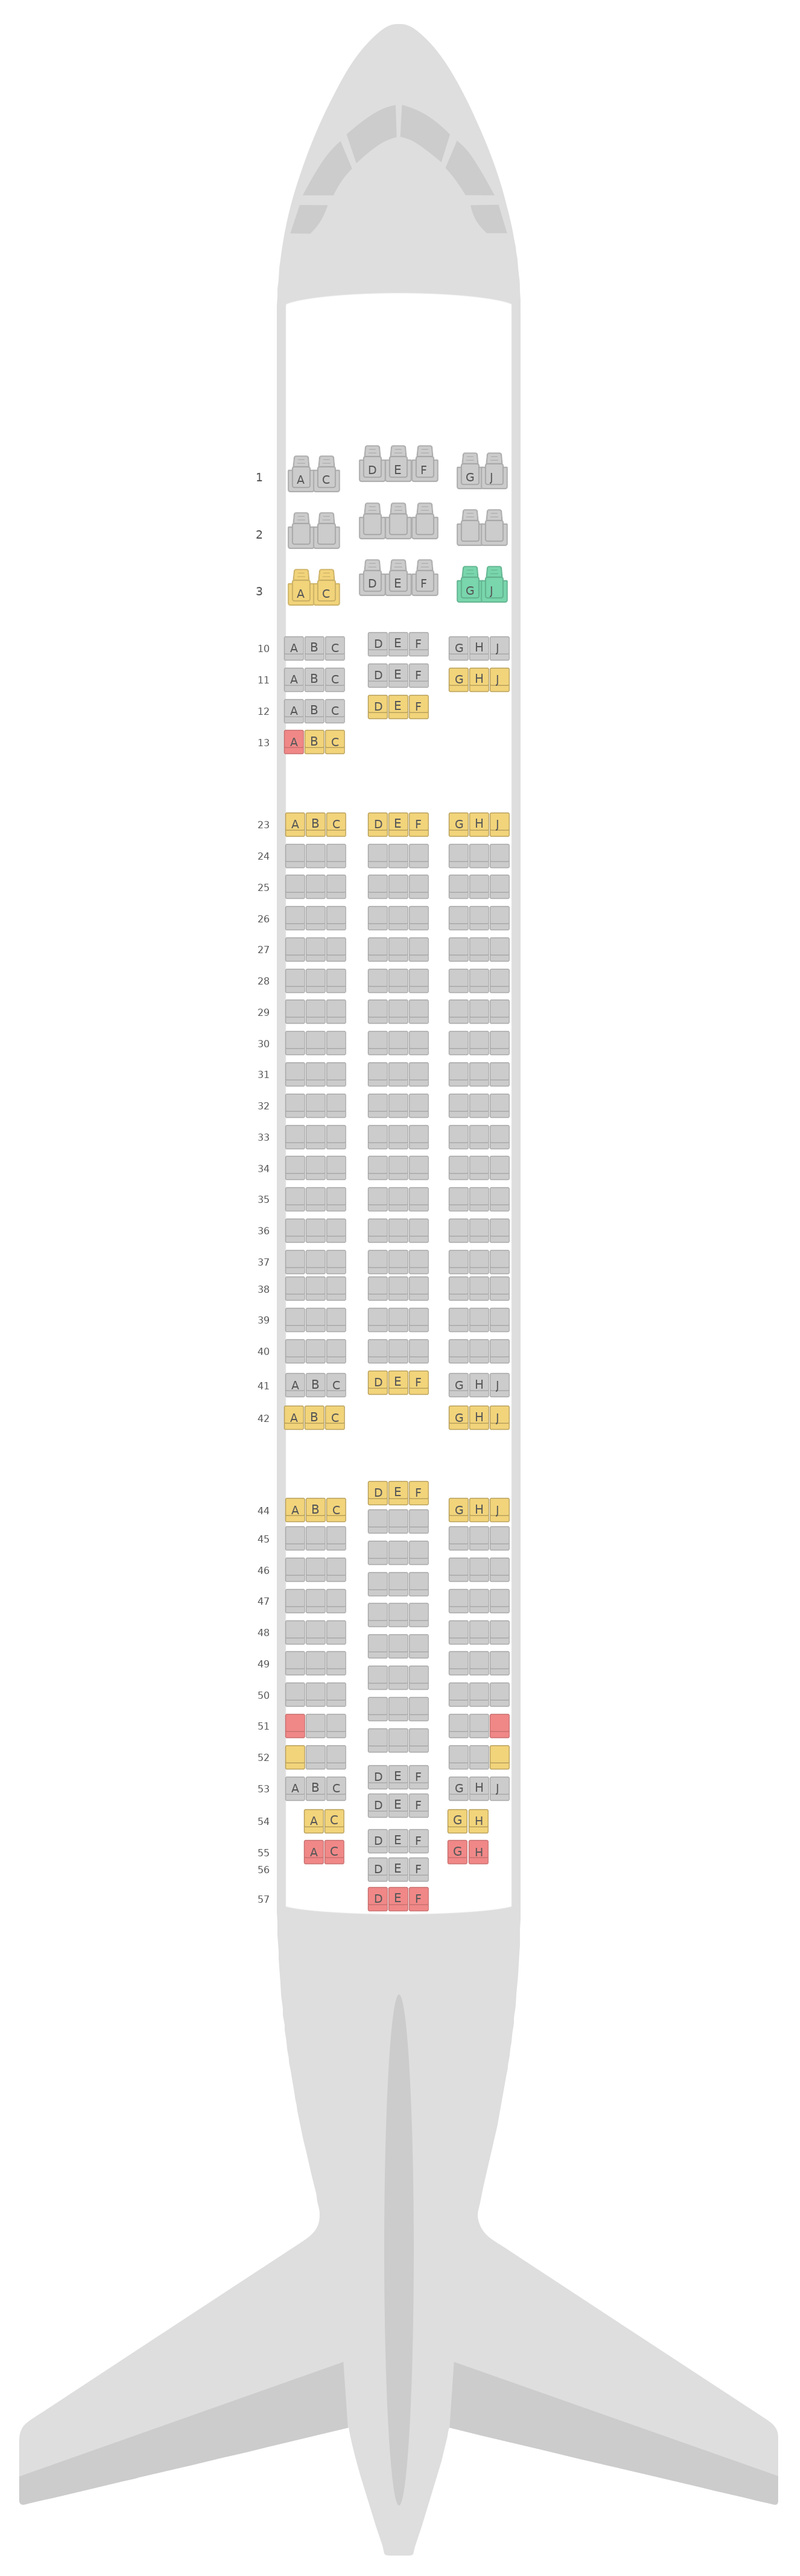 Sitzplan Boeing 787-8 (788) Jetstar Airways